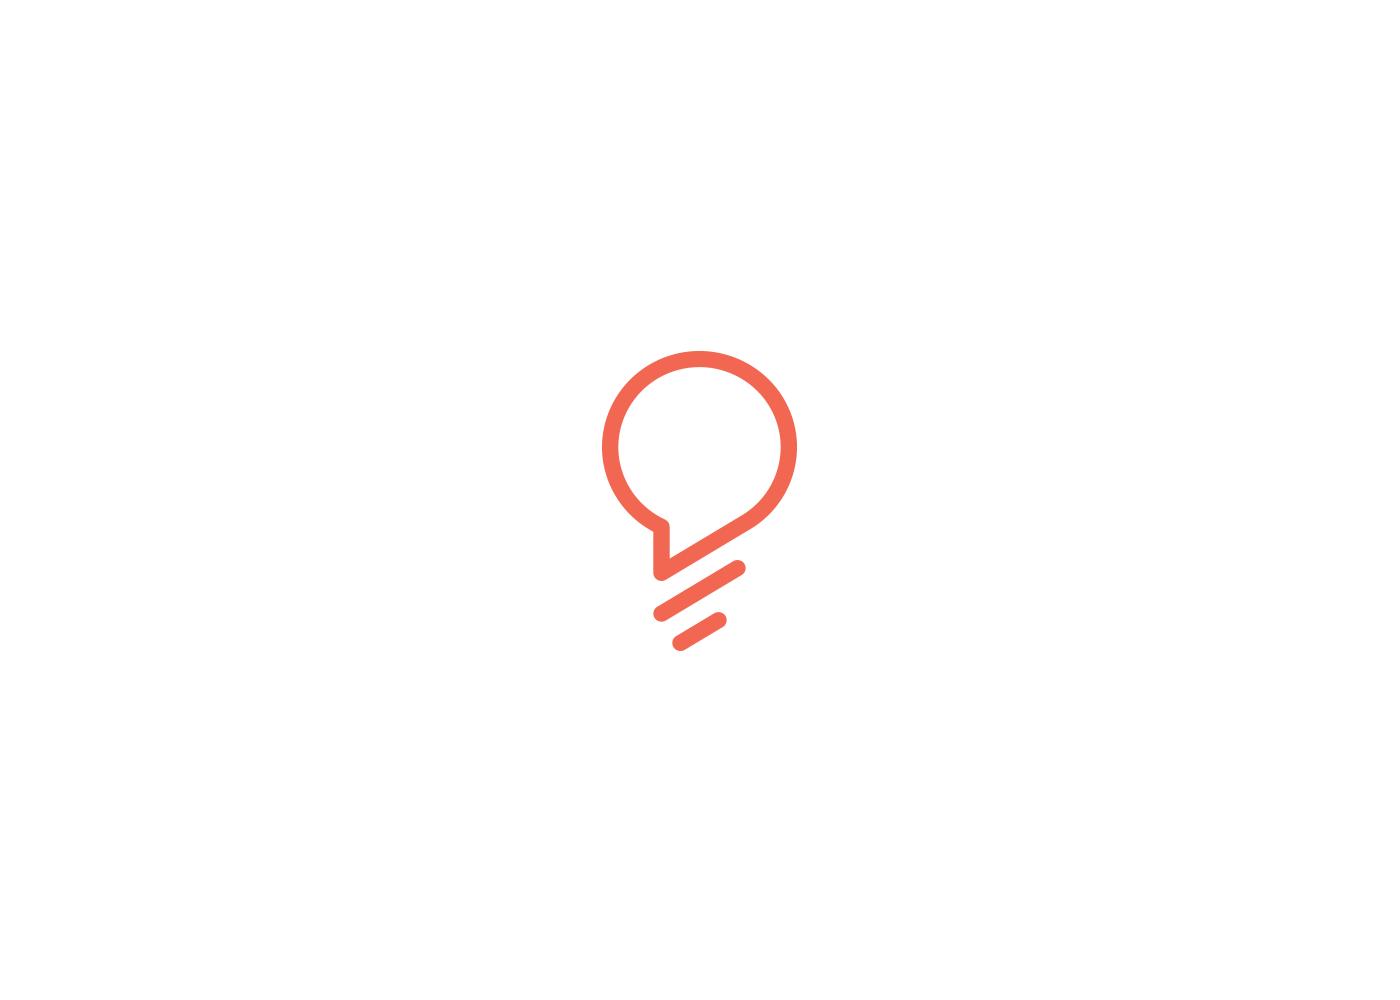 logo_design_brightbrief